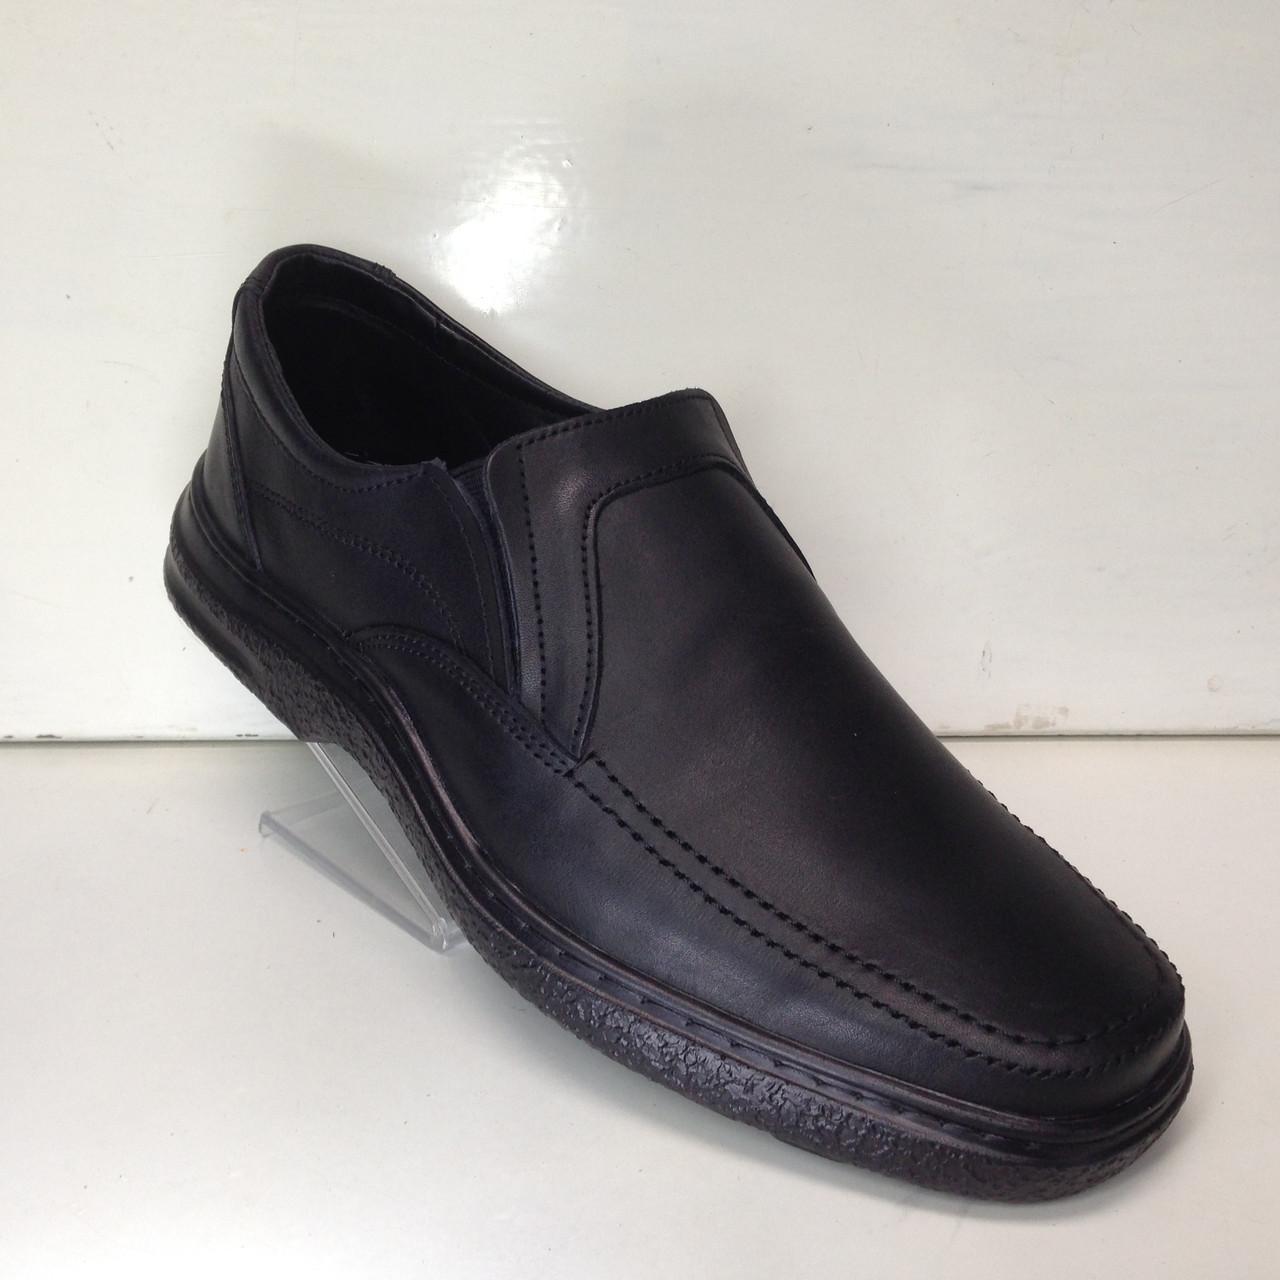 Мужские кожаные туфли, очень качественные, прошитые